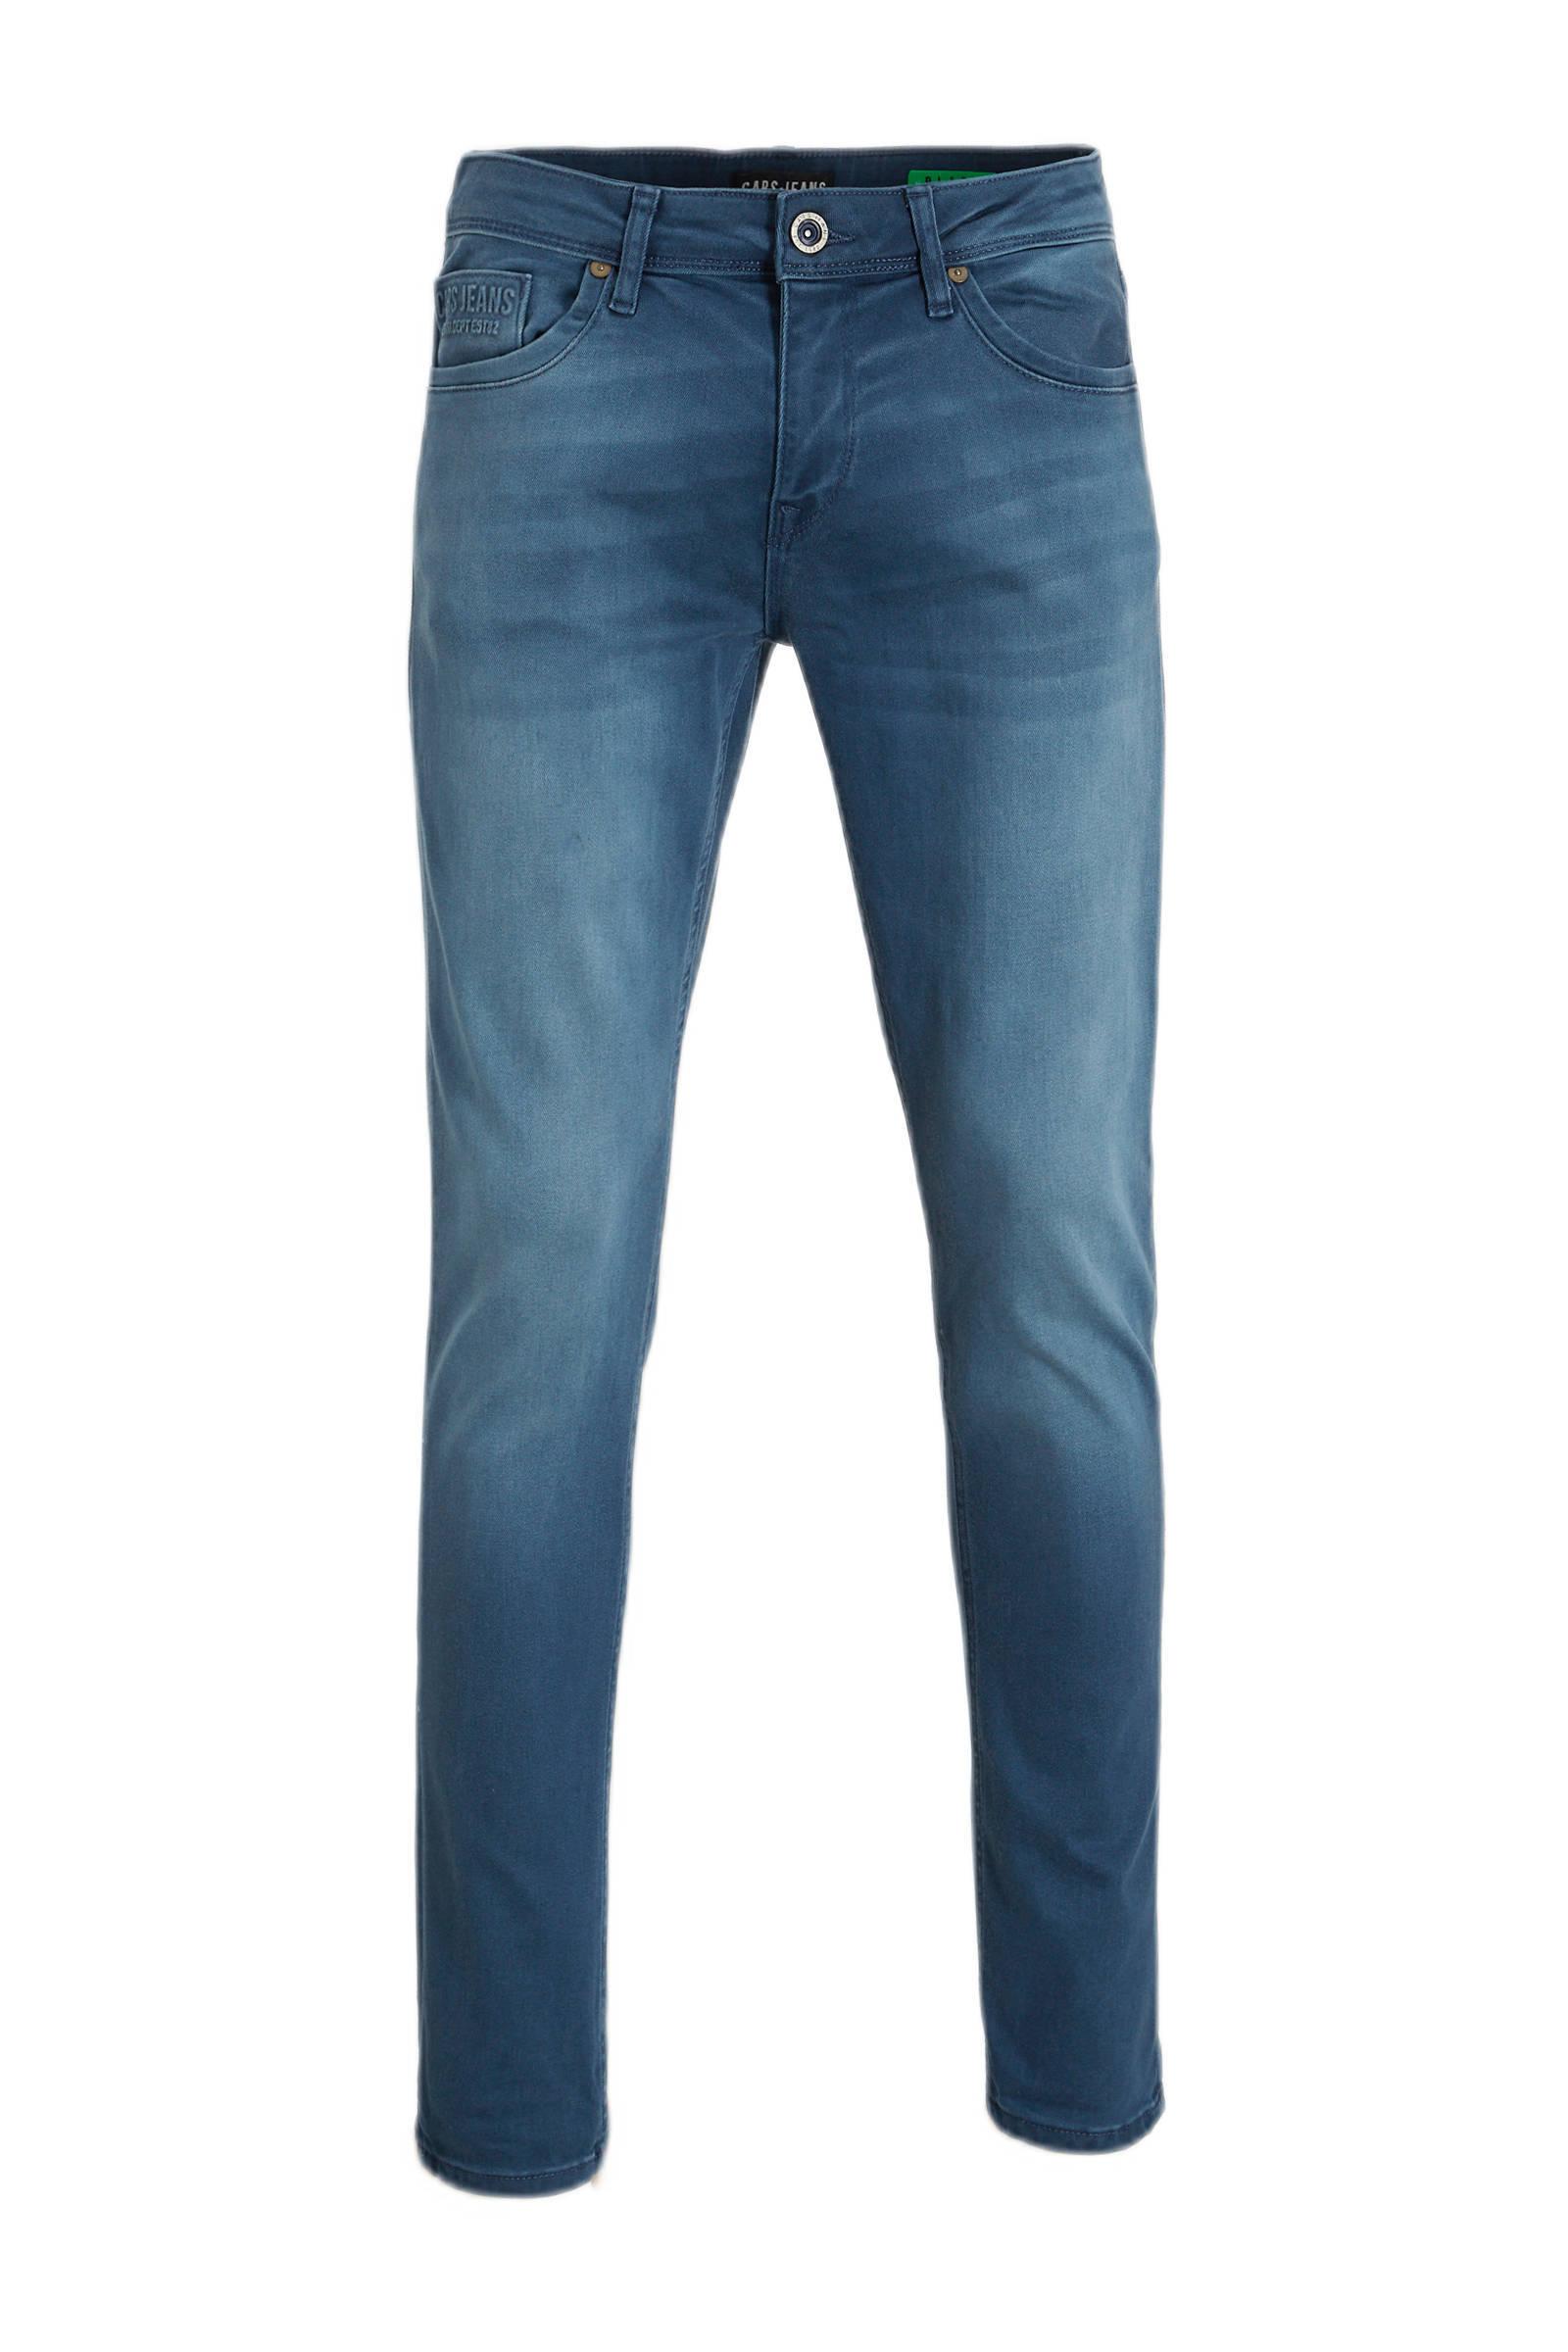 Cars Jeans Voordeel Jeans